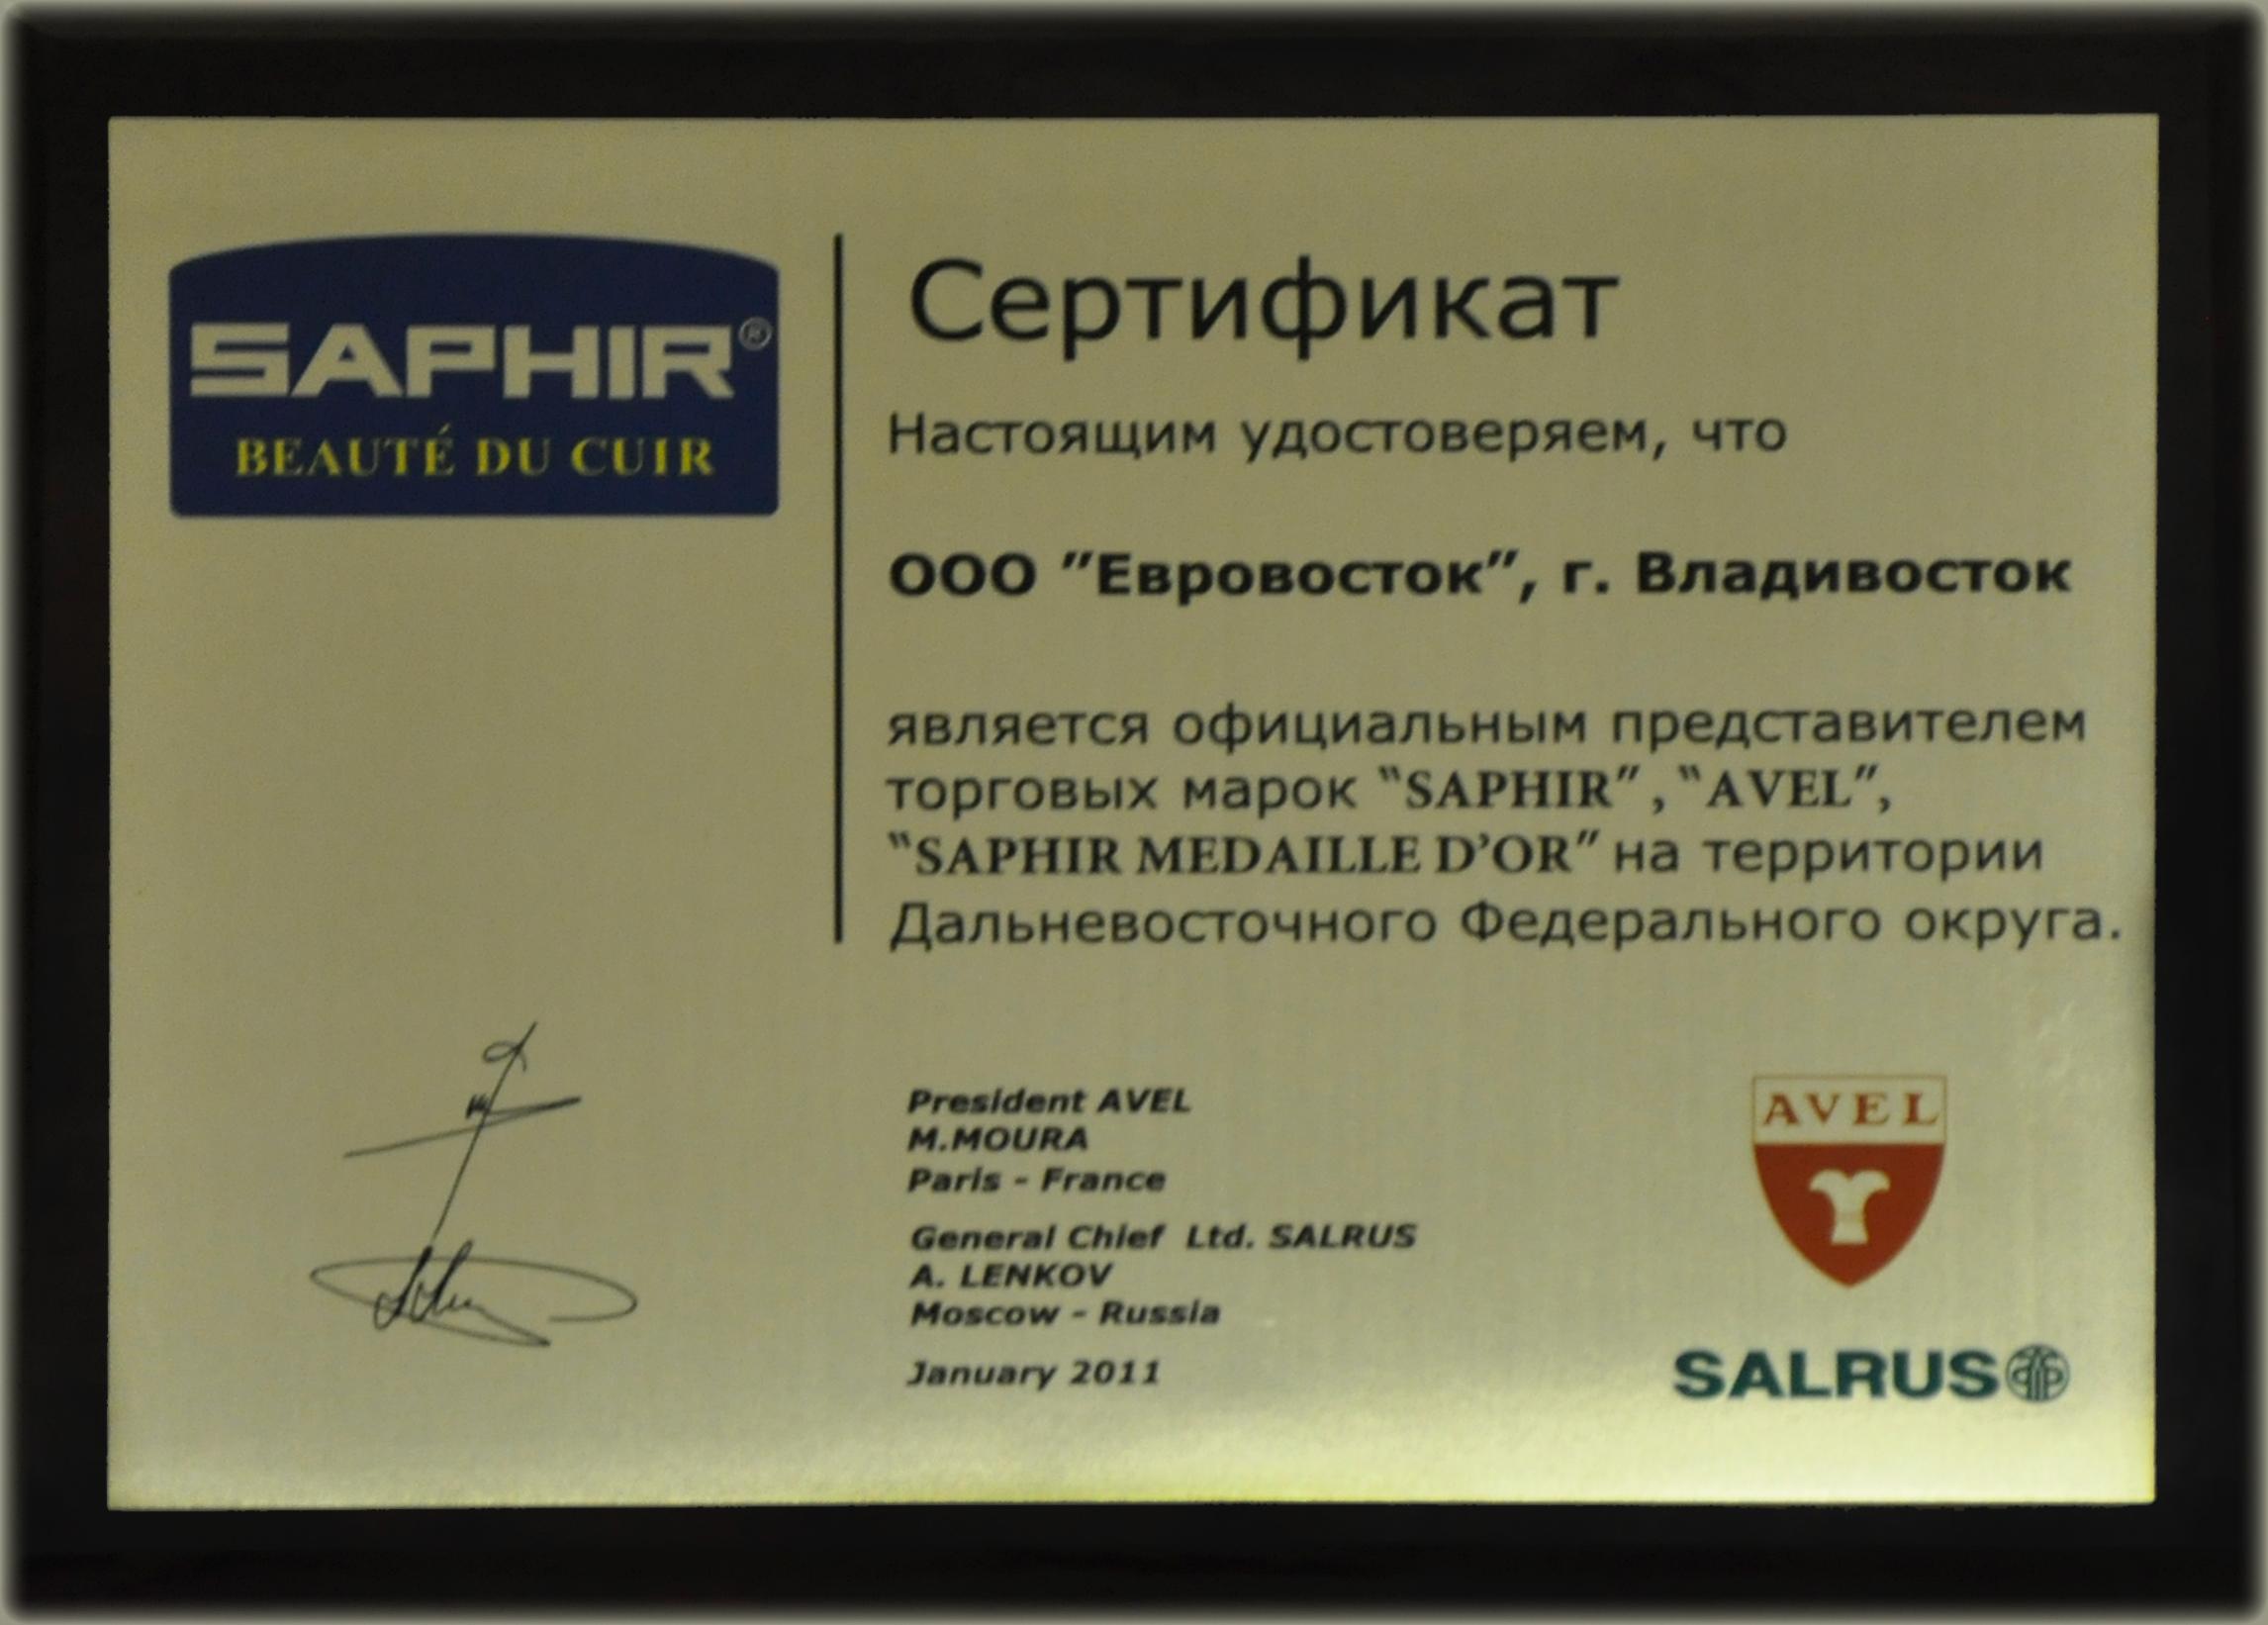 Официальный представитель - дистрибьютор Сапфир - Saphir